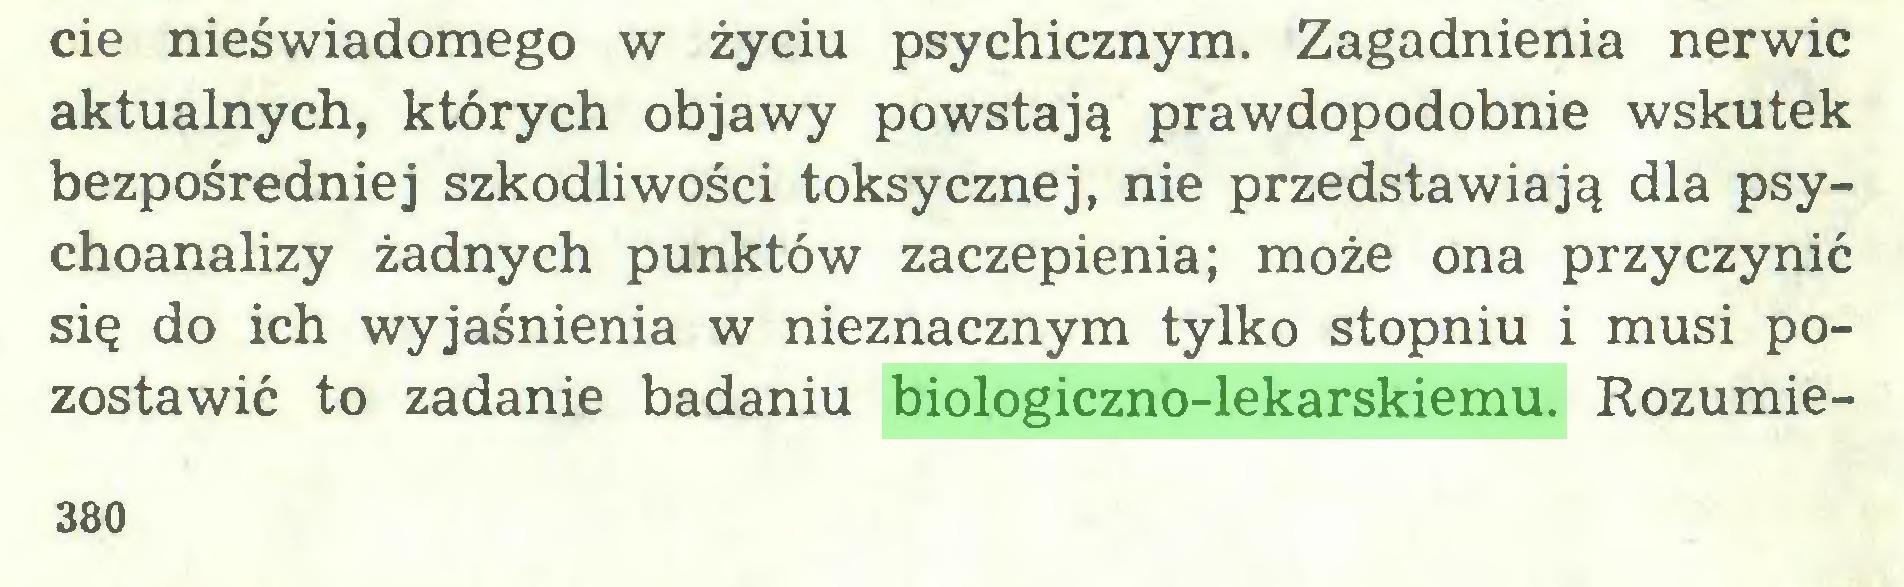 (...) cie nieświadomego w życiu psychicznym. Zagadnienia nerwic aktualnych, których objawy powstają prawdopodobnie wskutek bezpośredniej szkodliwości toksycznej, nie przedstawiają dla psychoanalizy żadnych punktów zaczepienia; może ona przyczynić się do ich wyjaśnienia w nieznacznym tylko stopniu i musi pozostawić to zadanie badaniu biologiczno-lekarskiemu. Rozumie380...